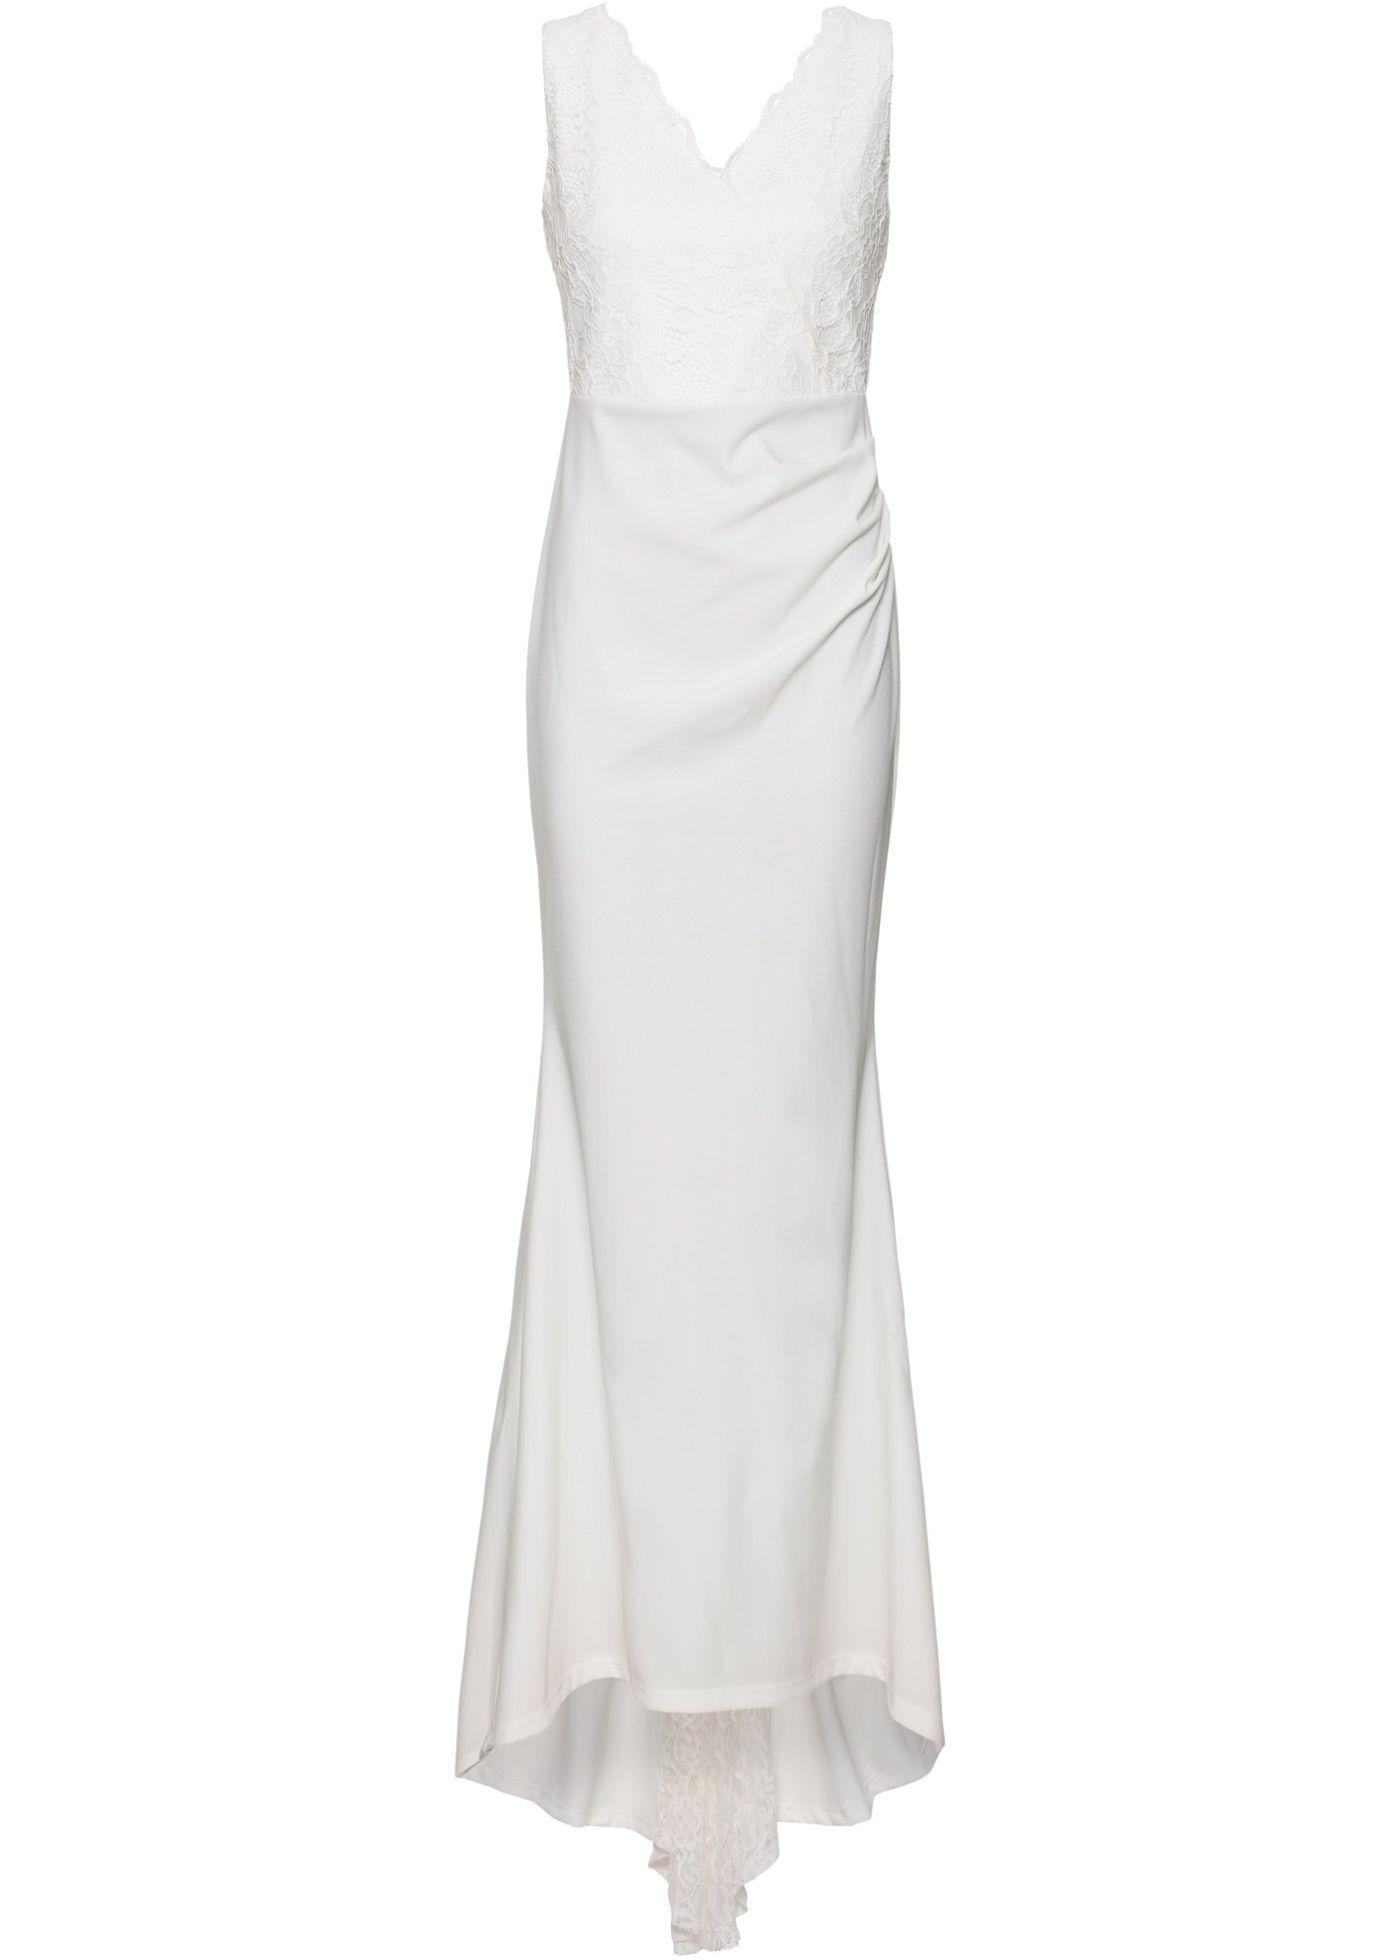 20,20 Hochzeitskleid weiß jetzt im Online Shop von bonprix.de ab